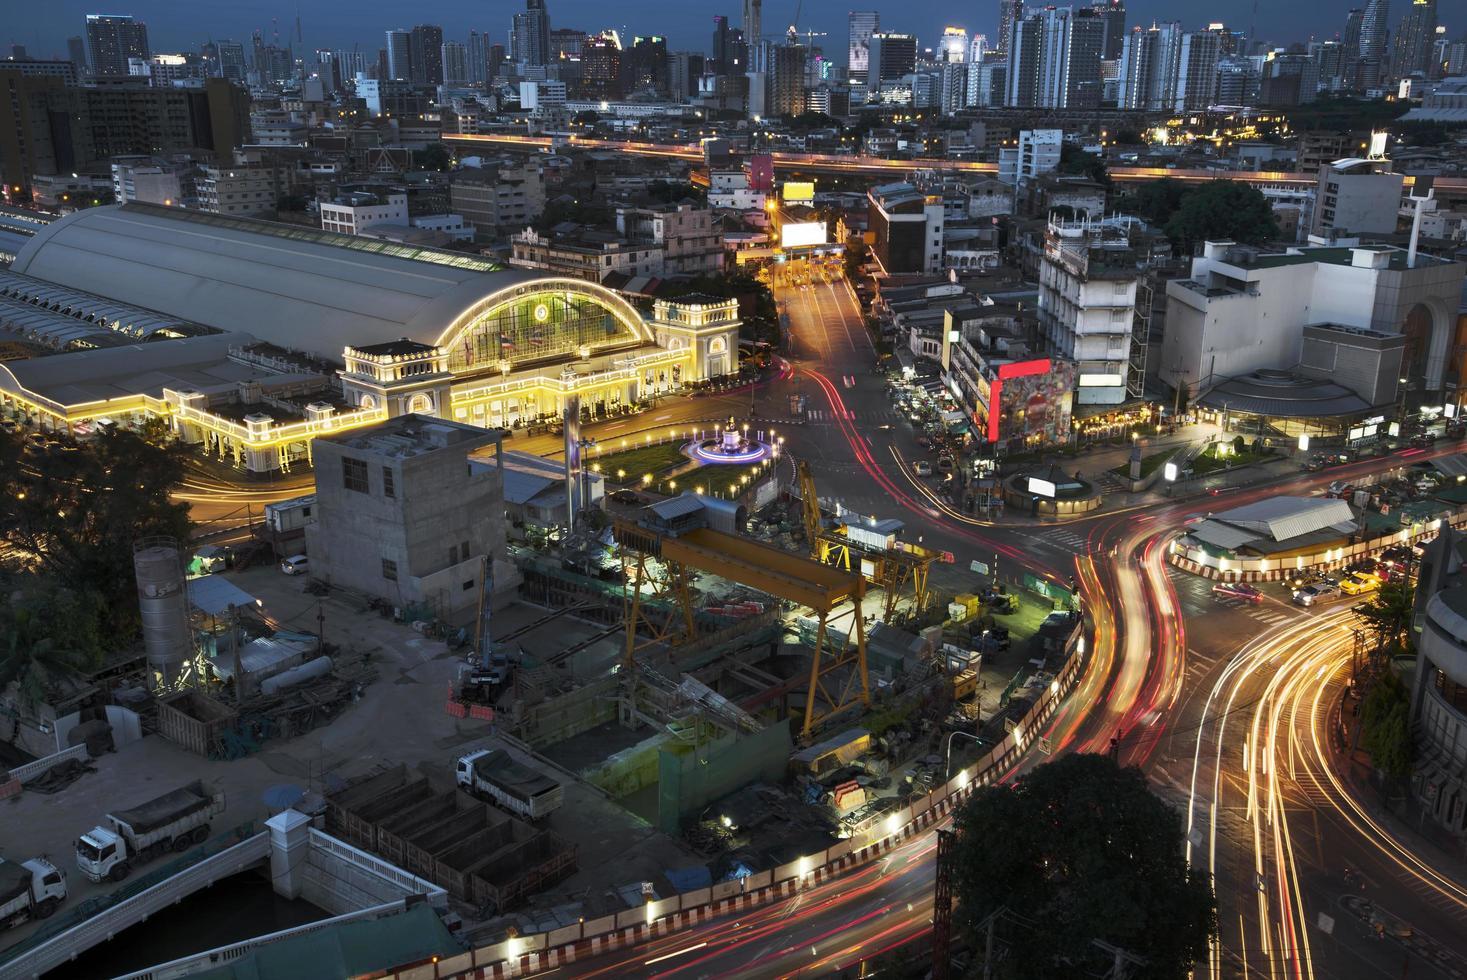 Bangkok stazione ferroviaria al crepuscolo foto